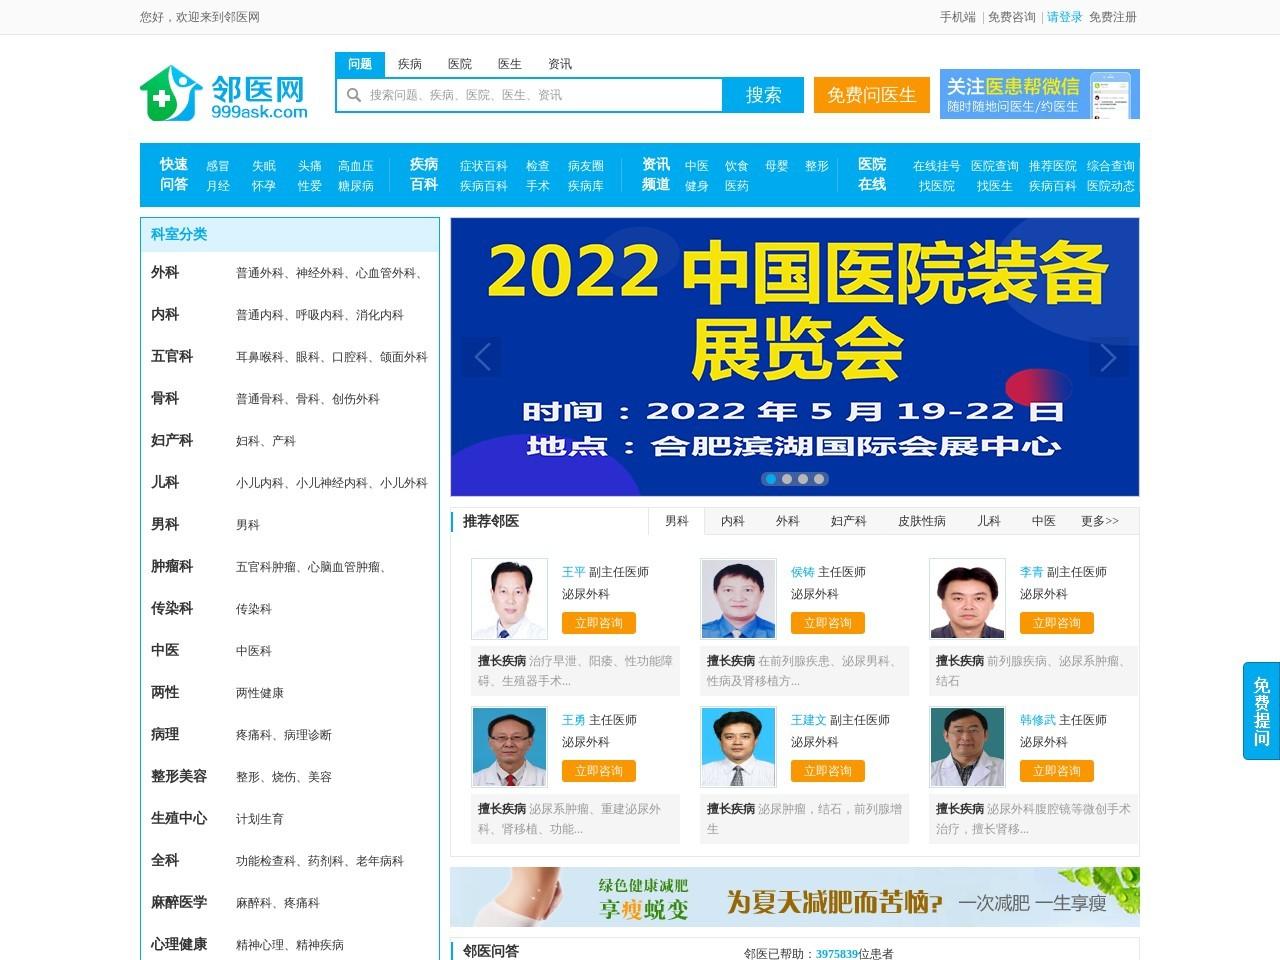 邻医网_免费问医生_名医在线咨询_在线医生免费咨询_邻医网